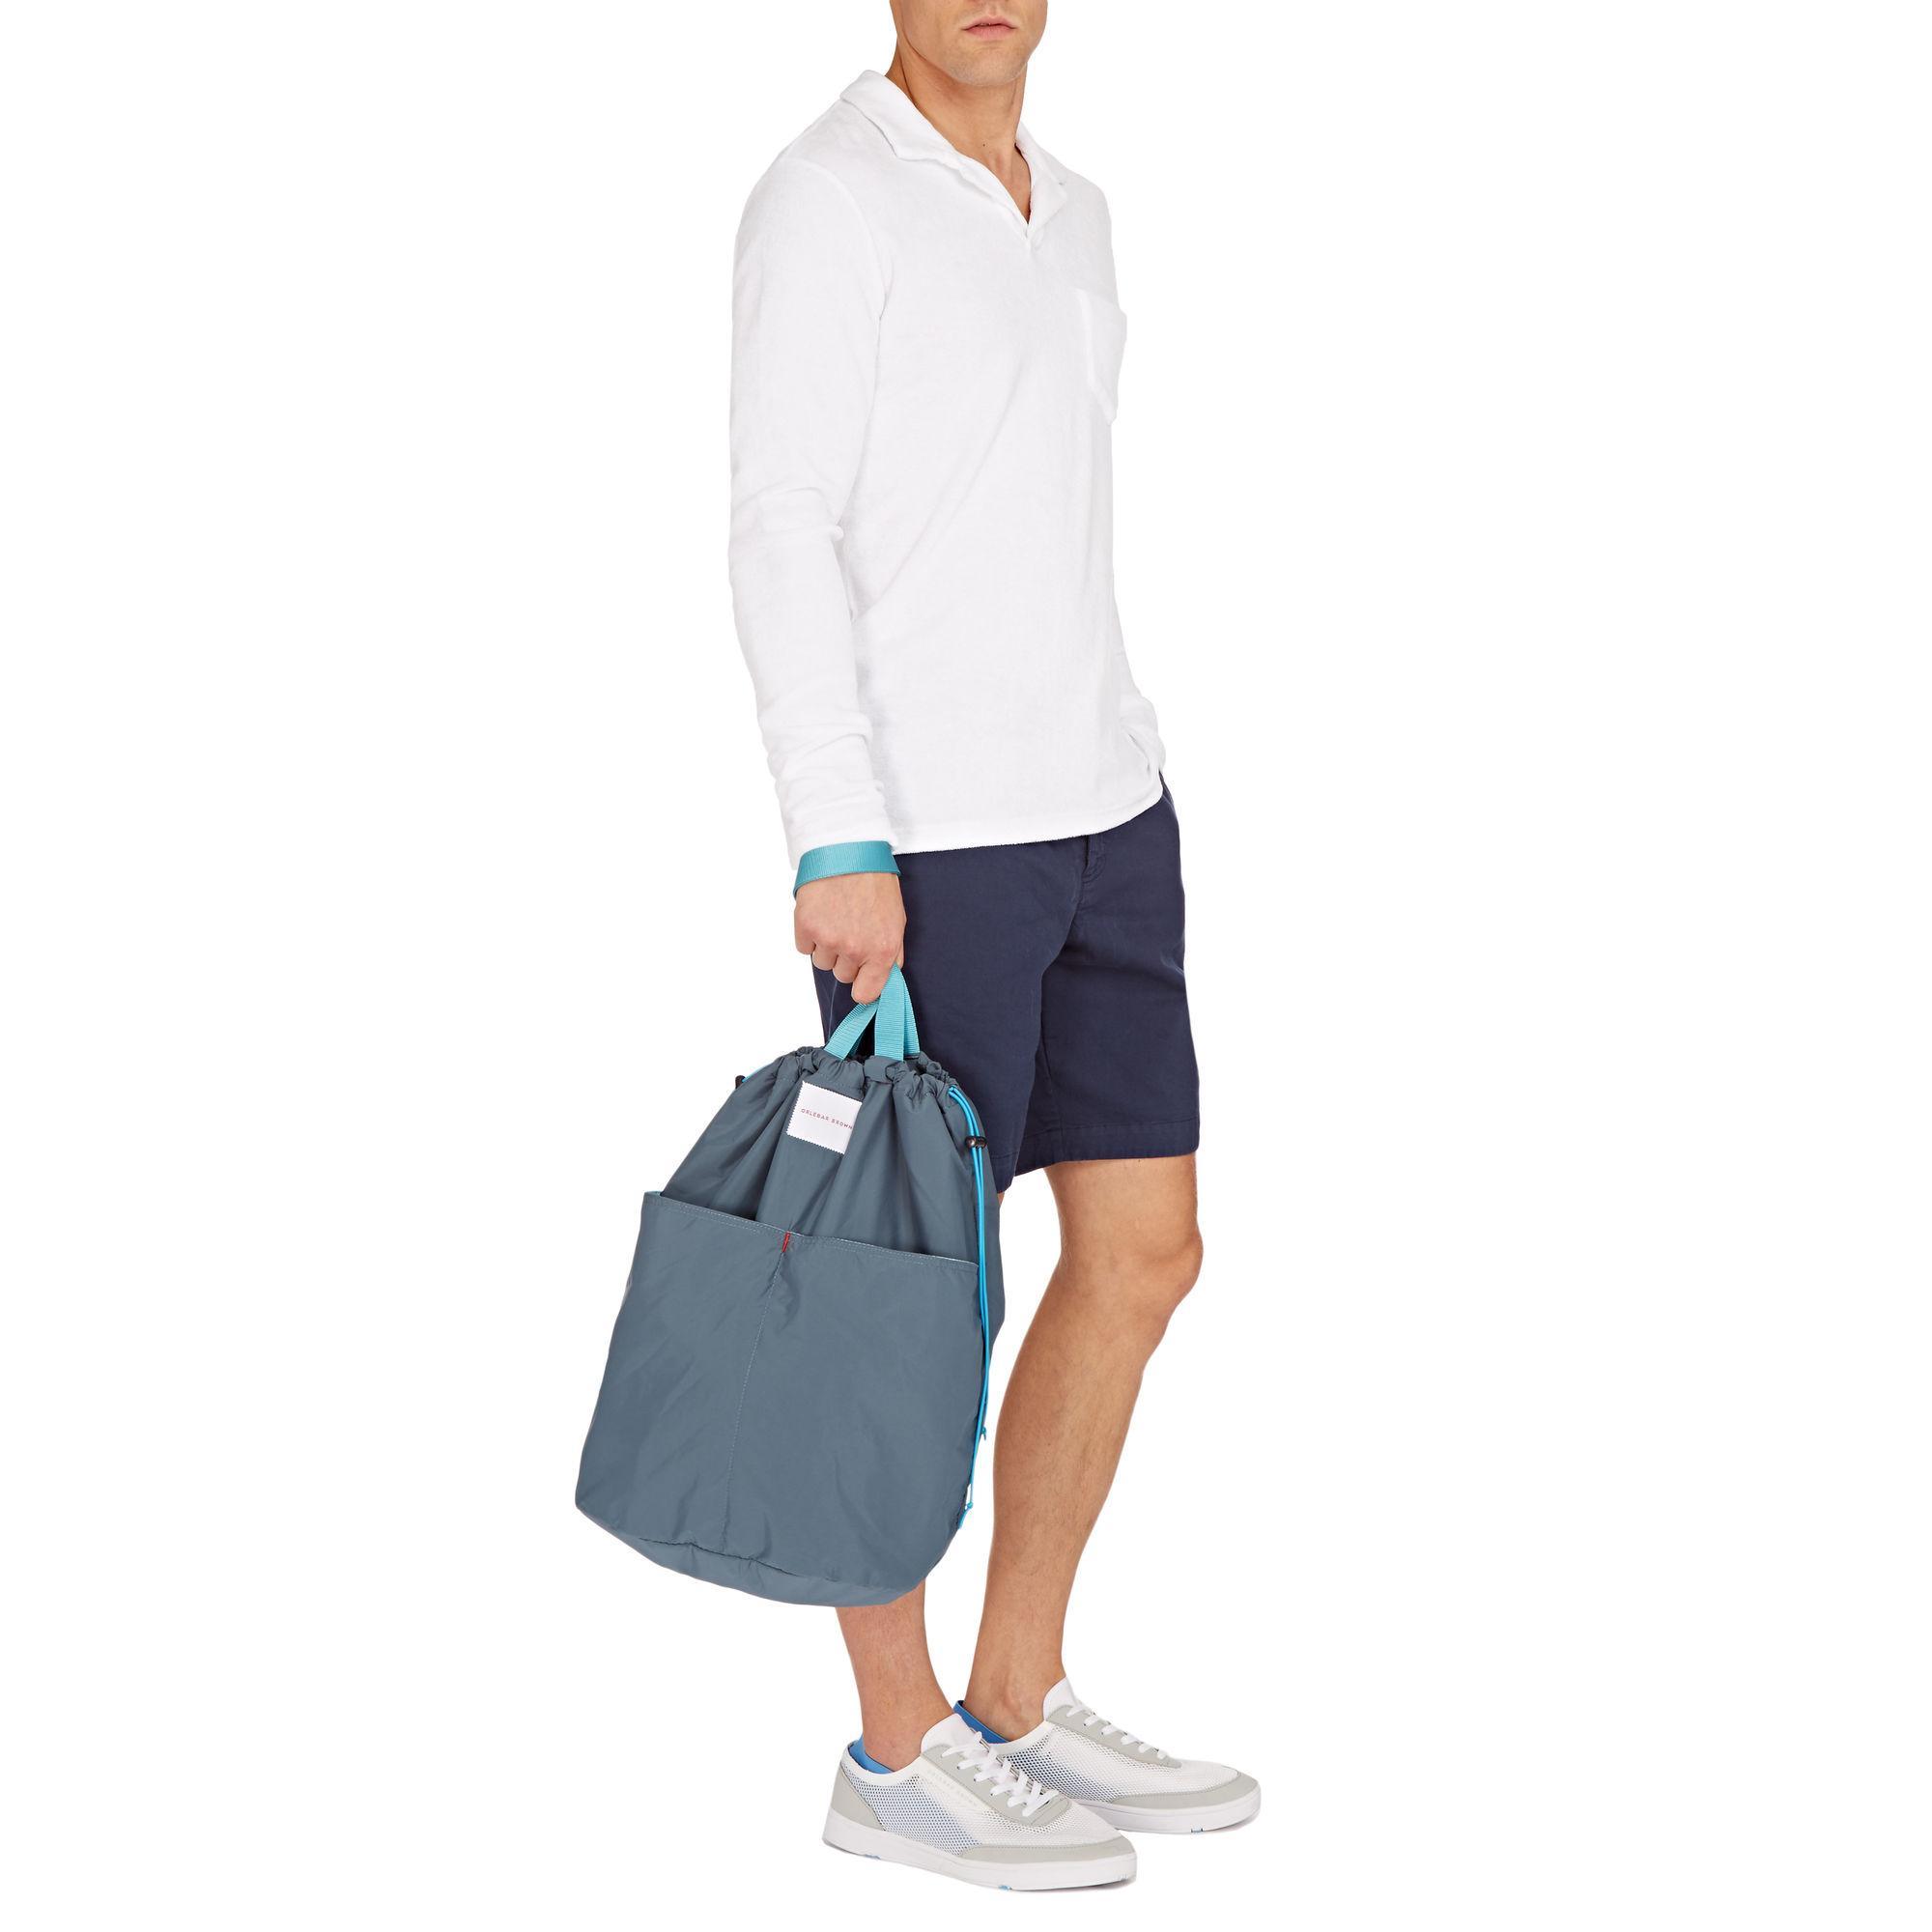 f2489ca2a Orlebar Brown Landsburgh Steel Blue Sport Tote Bag in Blue for Men ...